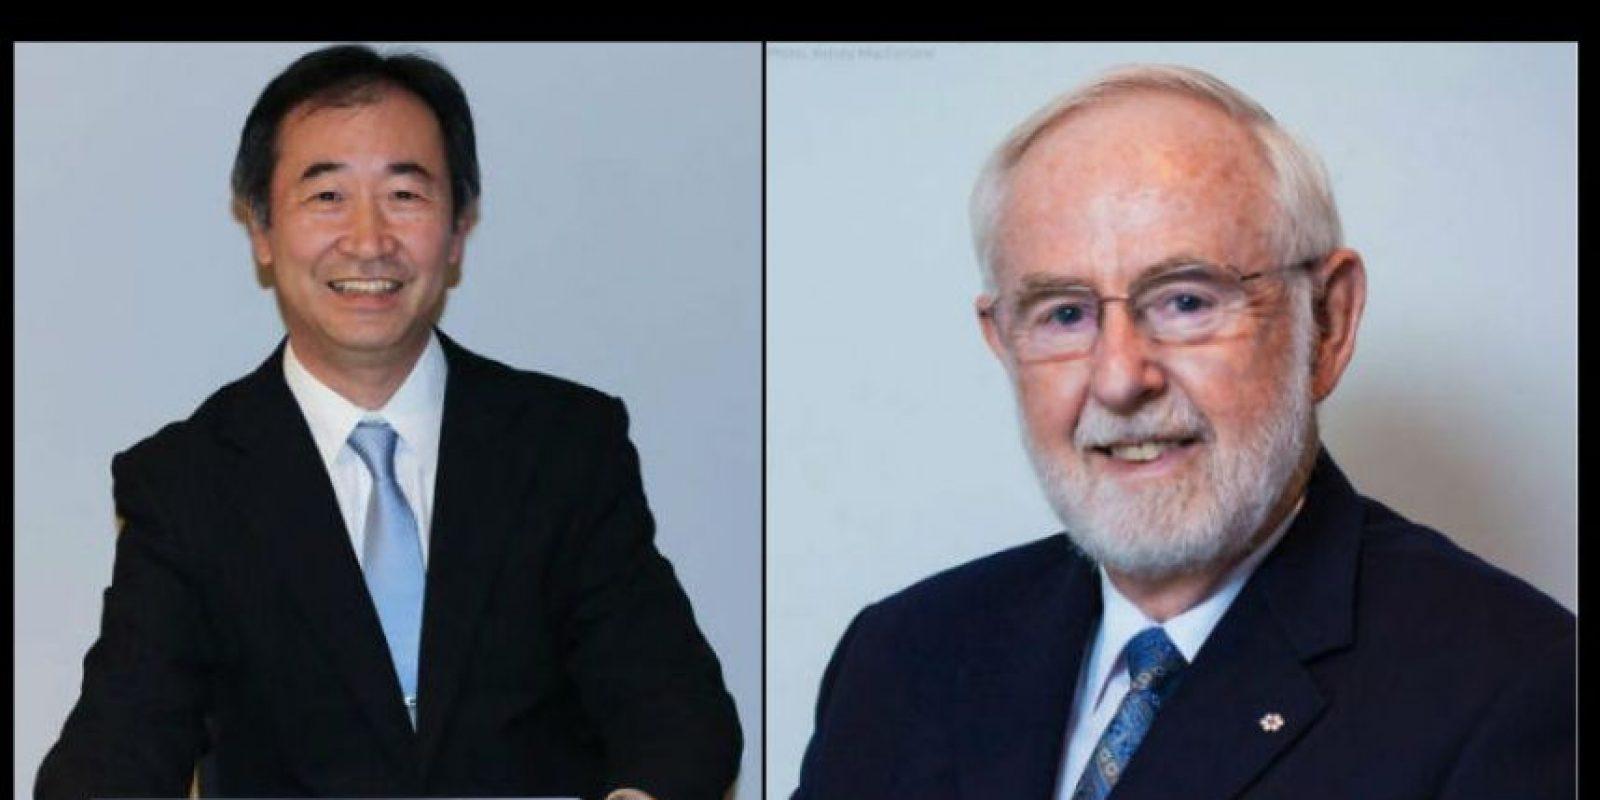 El premio Nobel de Física fue otorgado a Takaaki Kajita de la Universidad de Tokyo y Arthur B. Mc. Donald, de la Queen's University por el descubrimiento de la oscilación de los neutrinos Foto:Vía Twitter @NobelPrize